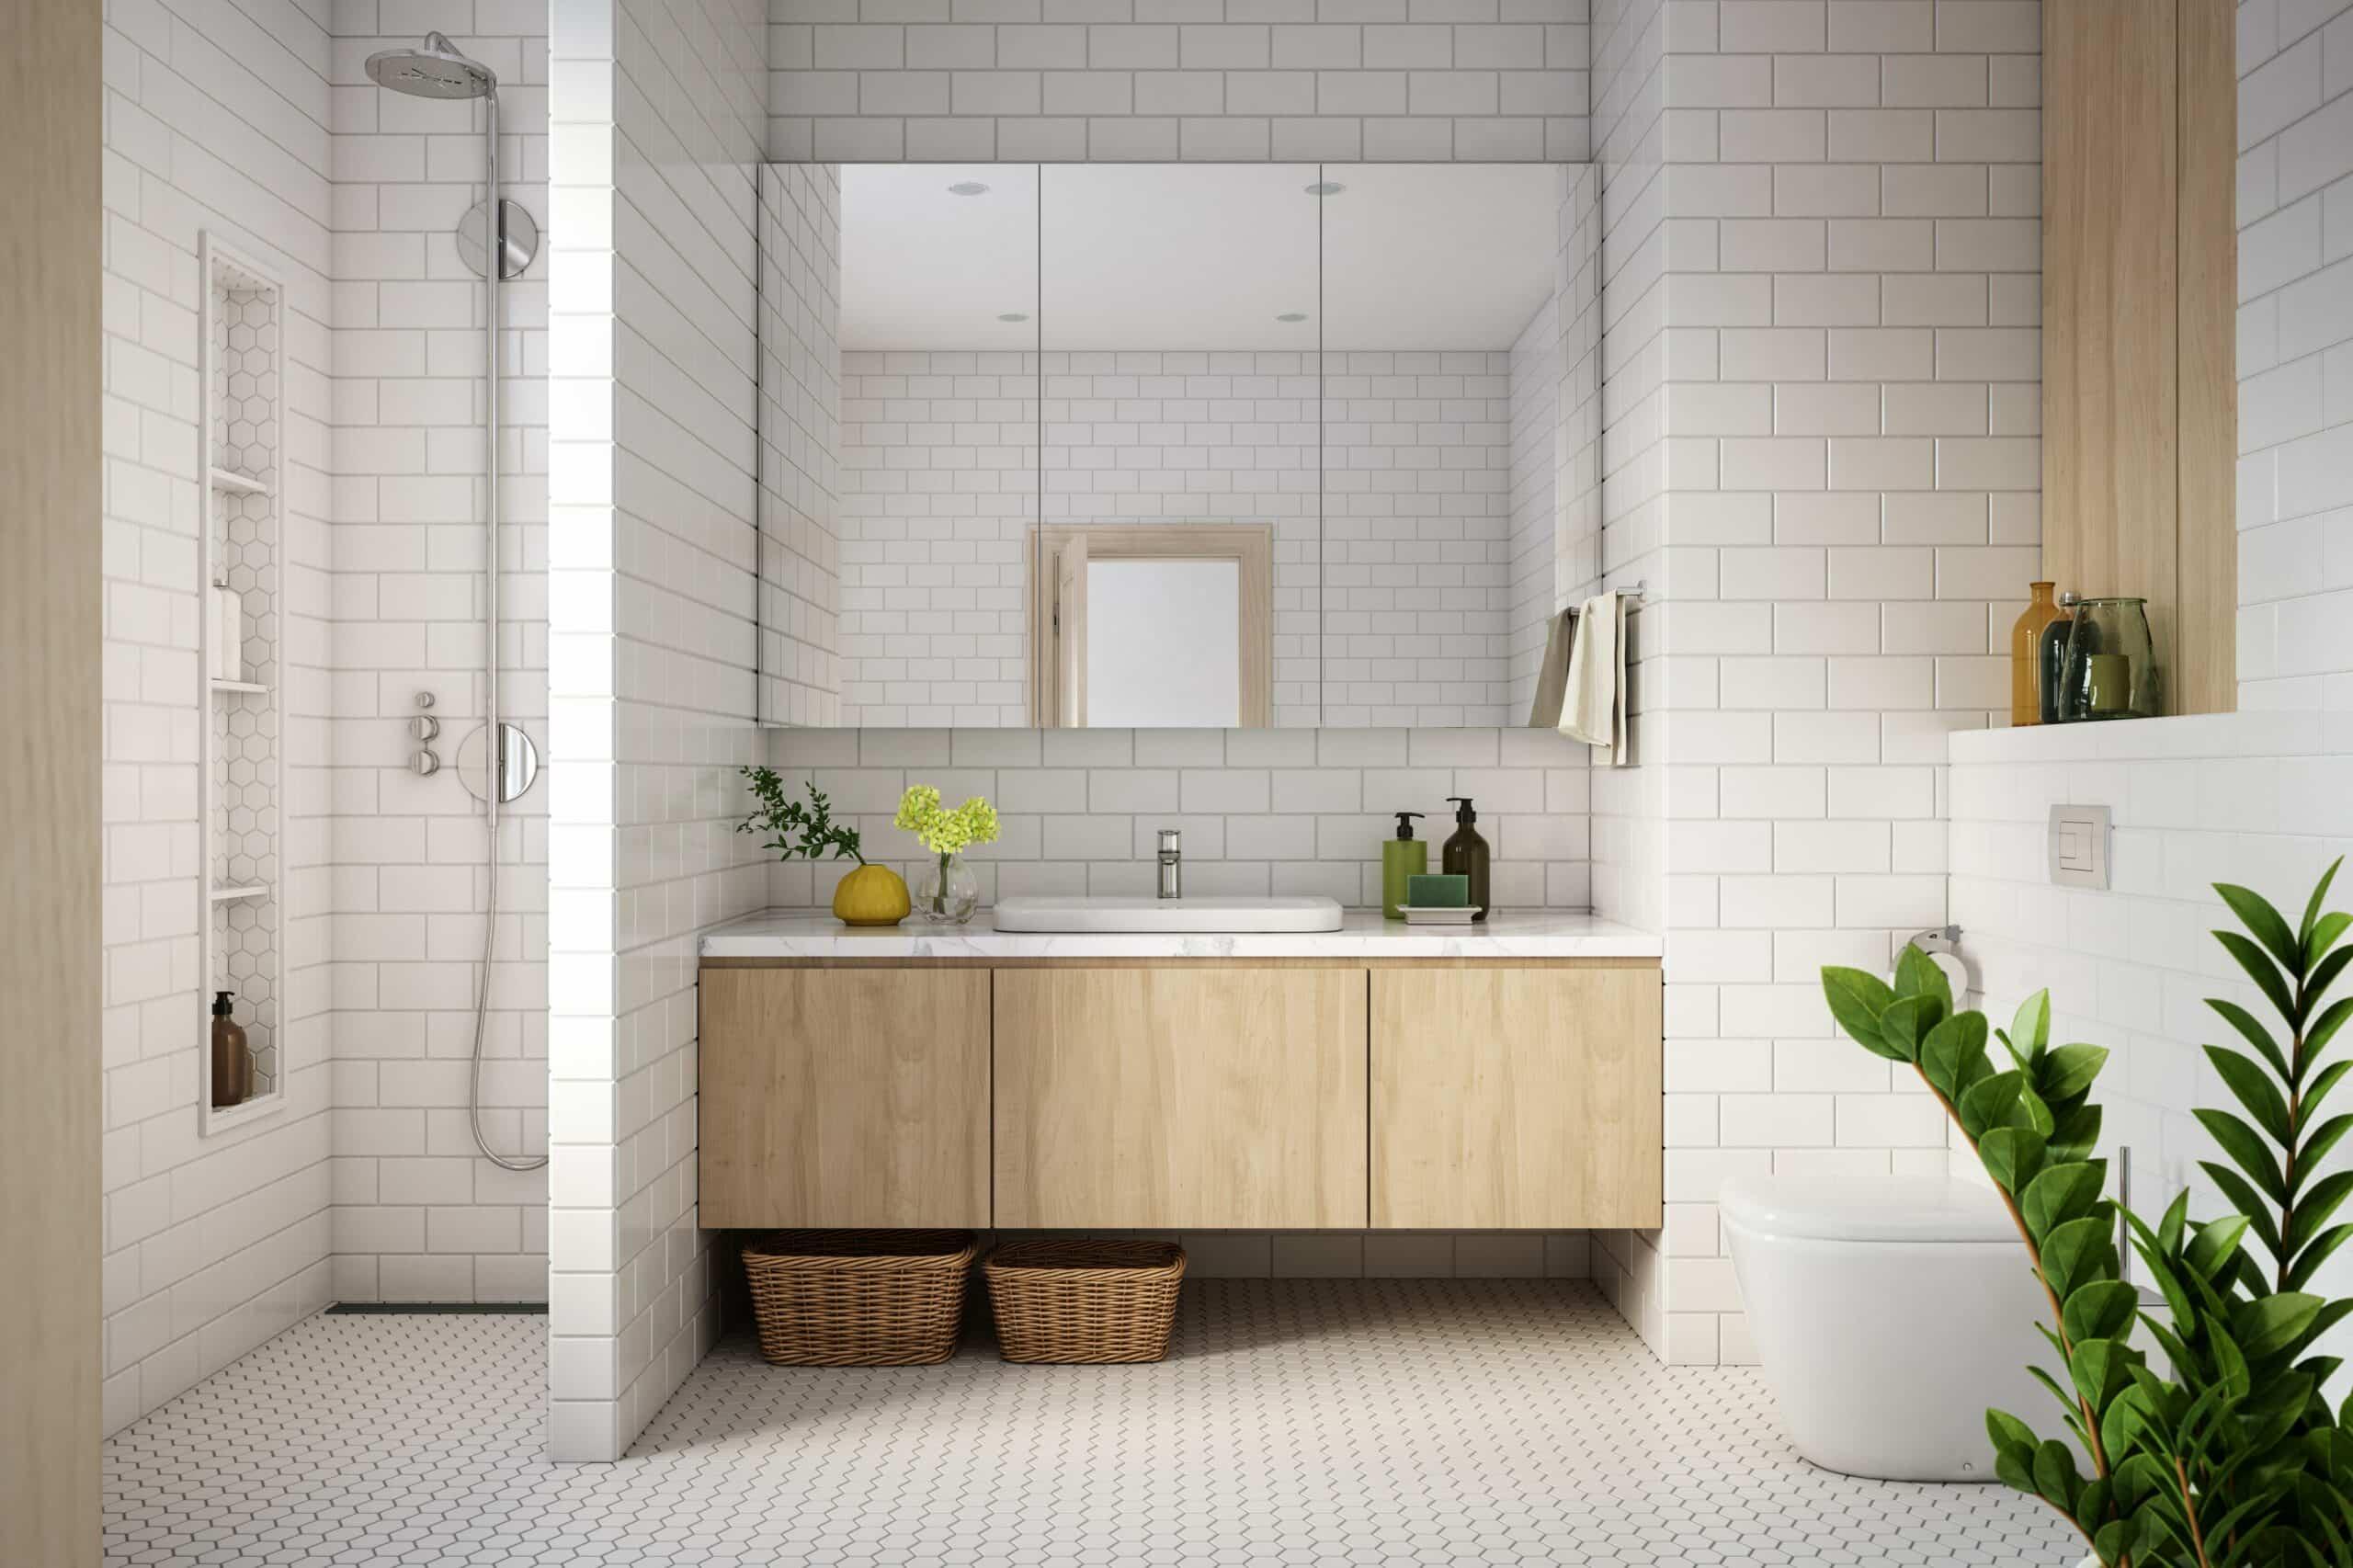 Renovatiepremie badkamer in 2021